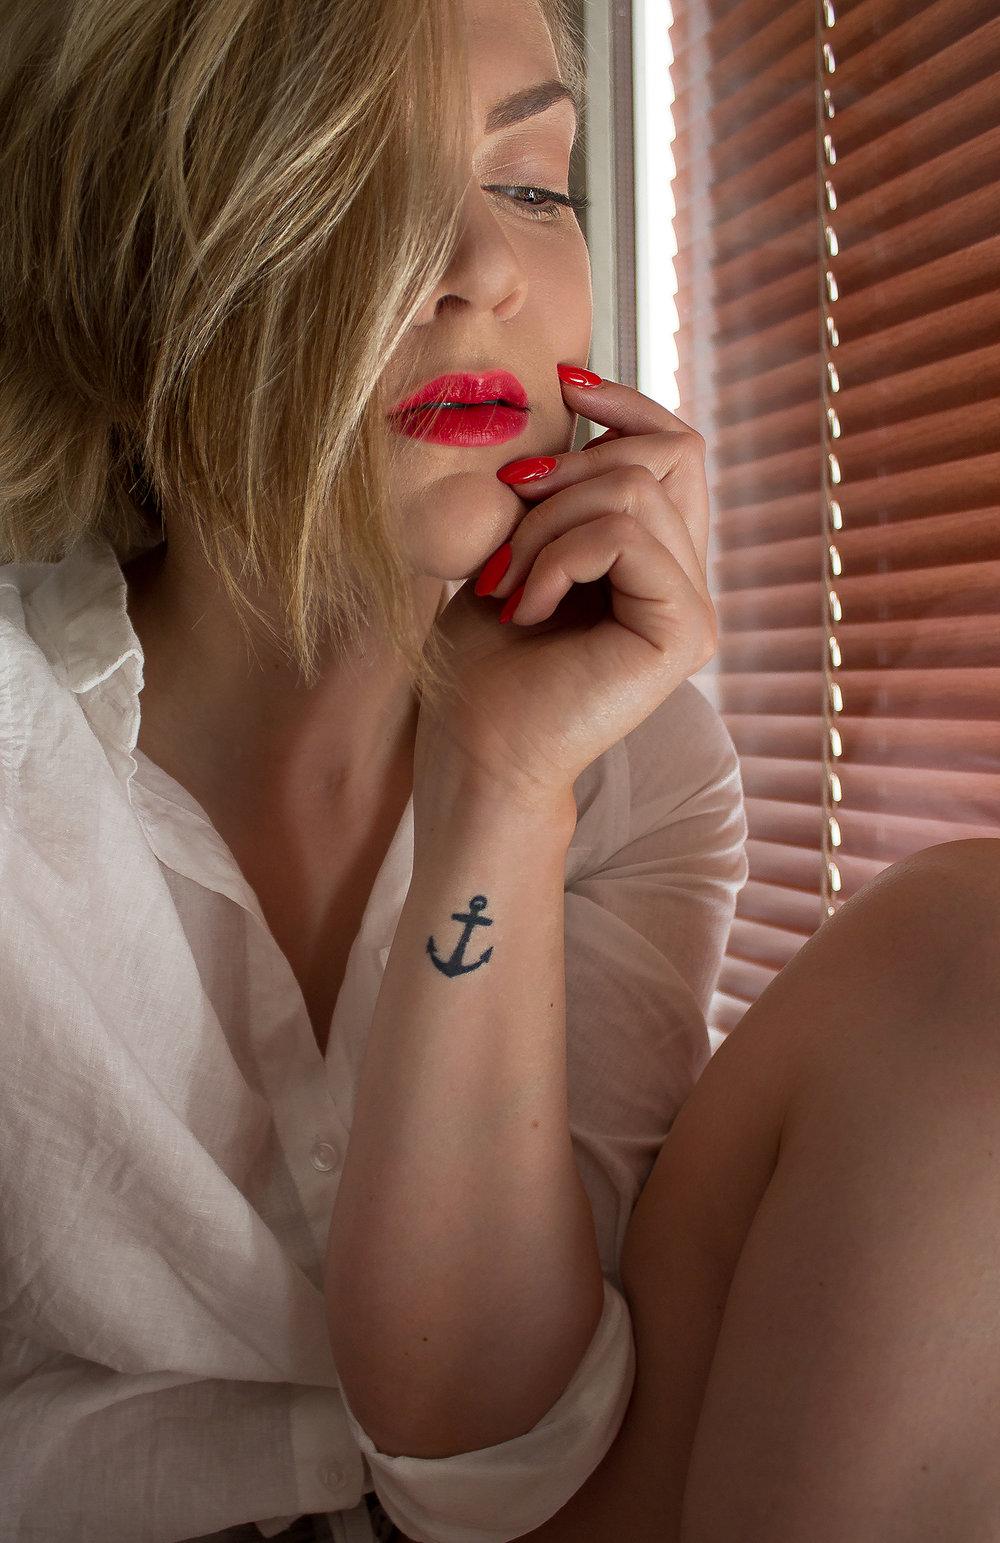 redlips